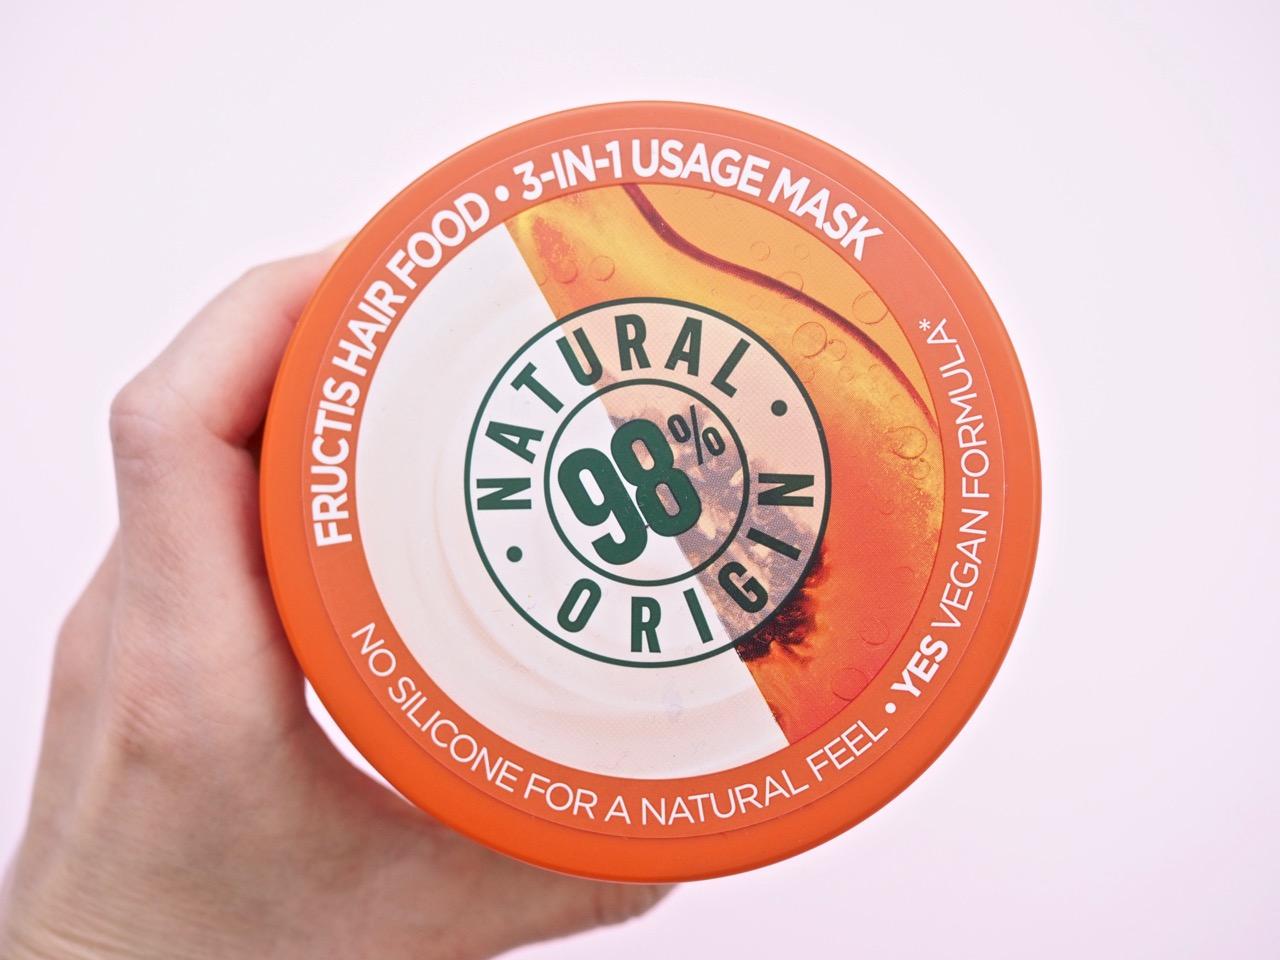 Garnier hiusnaamio Papaya Hairfood kokemuksia Ostolakossa Virve Fredman